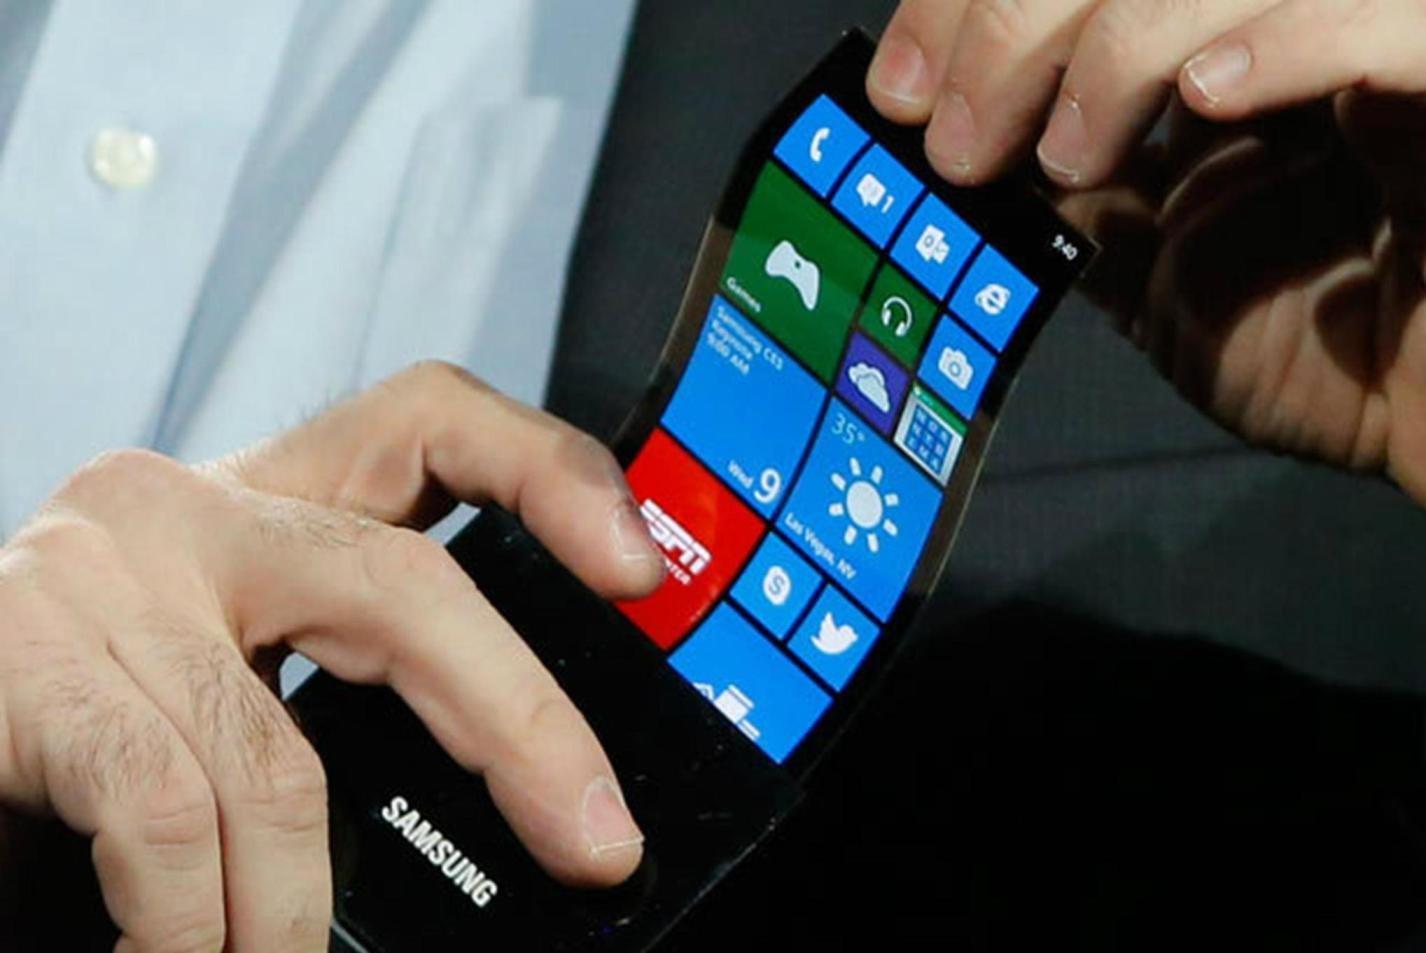 В 2017 Самсунг будет выпускать гибриды телефонов ипланшетов